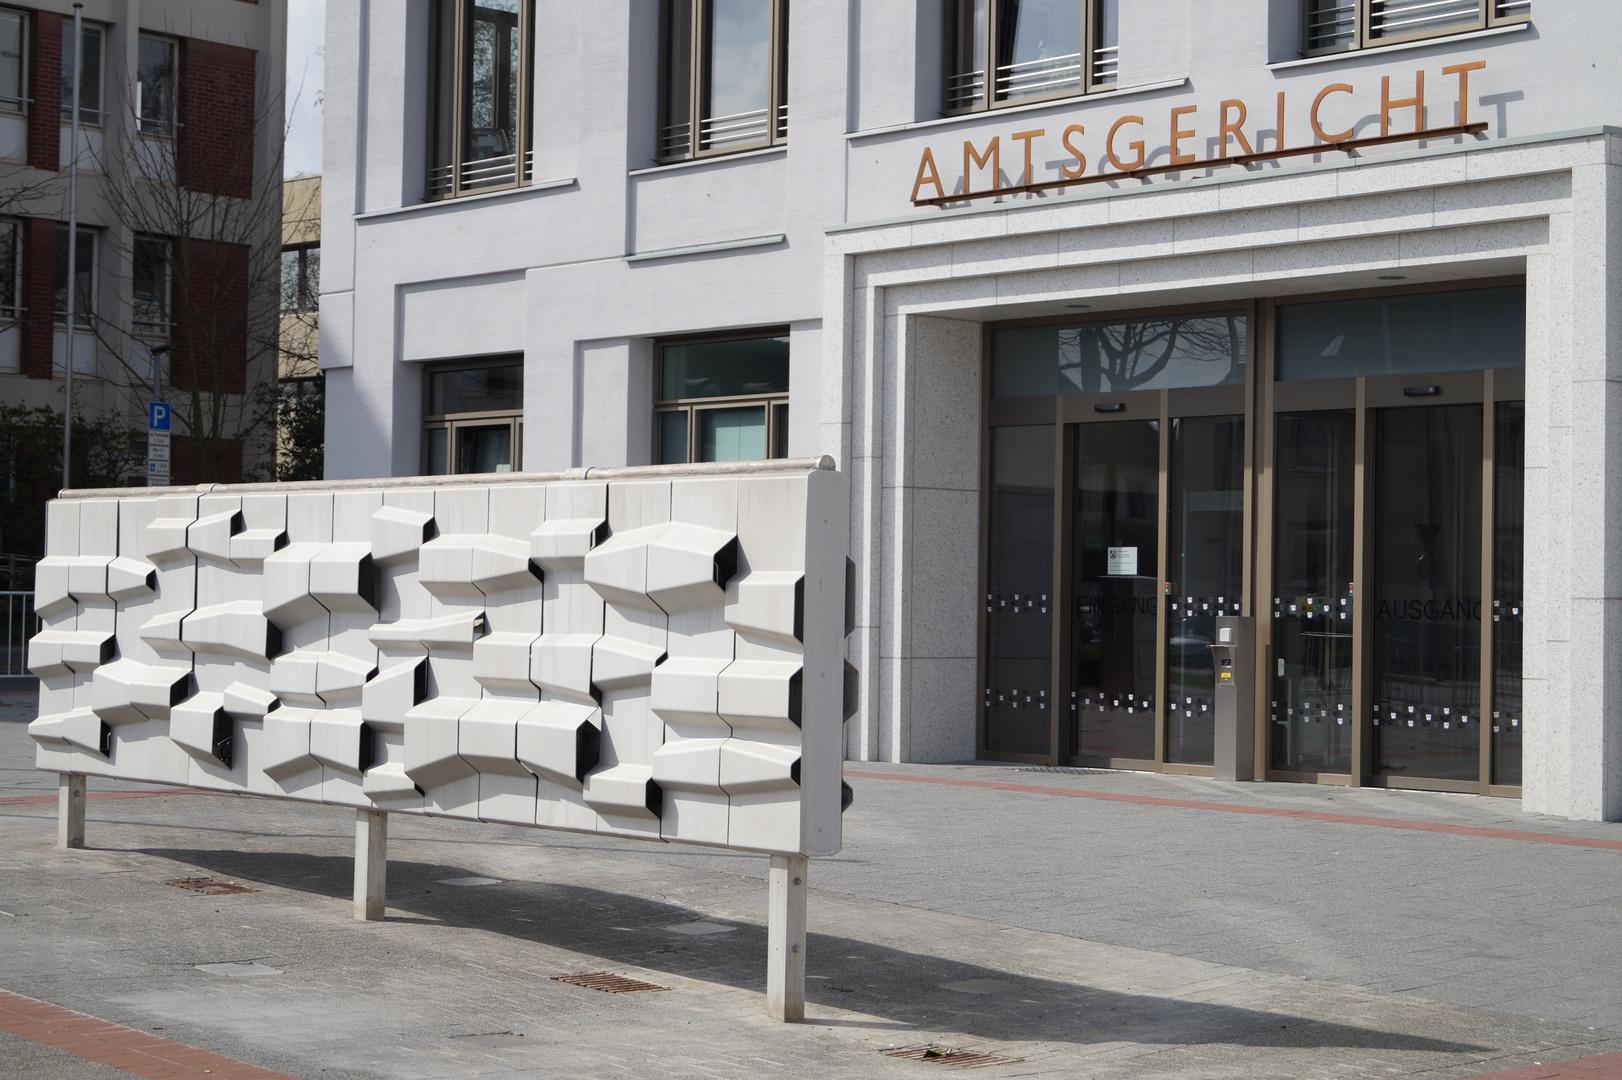 Amtsgericht Erkelenz